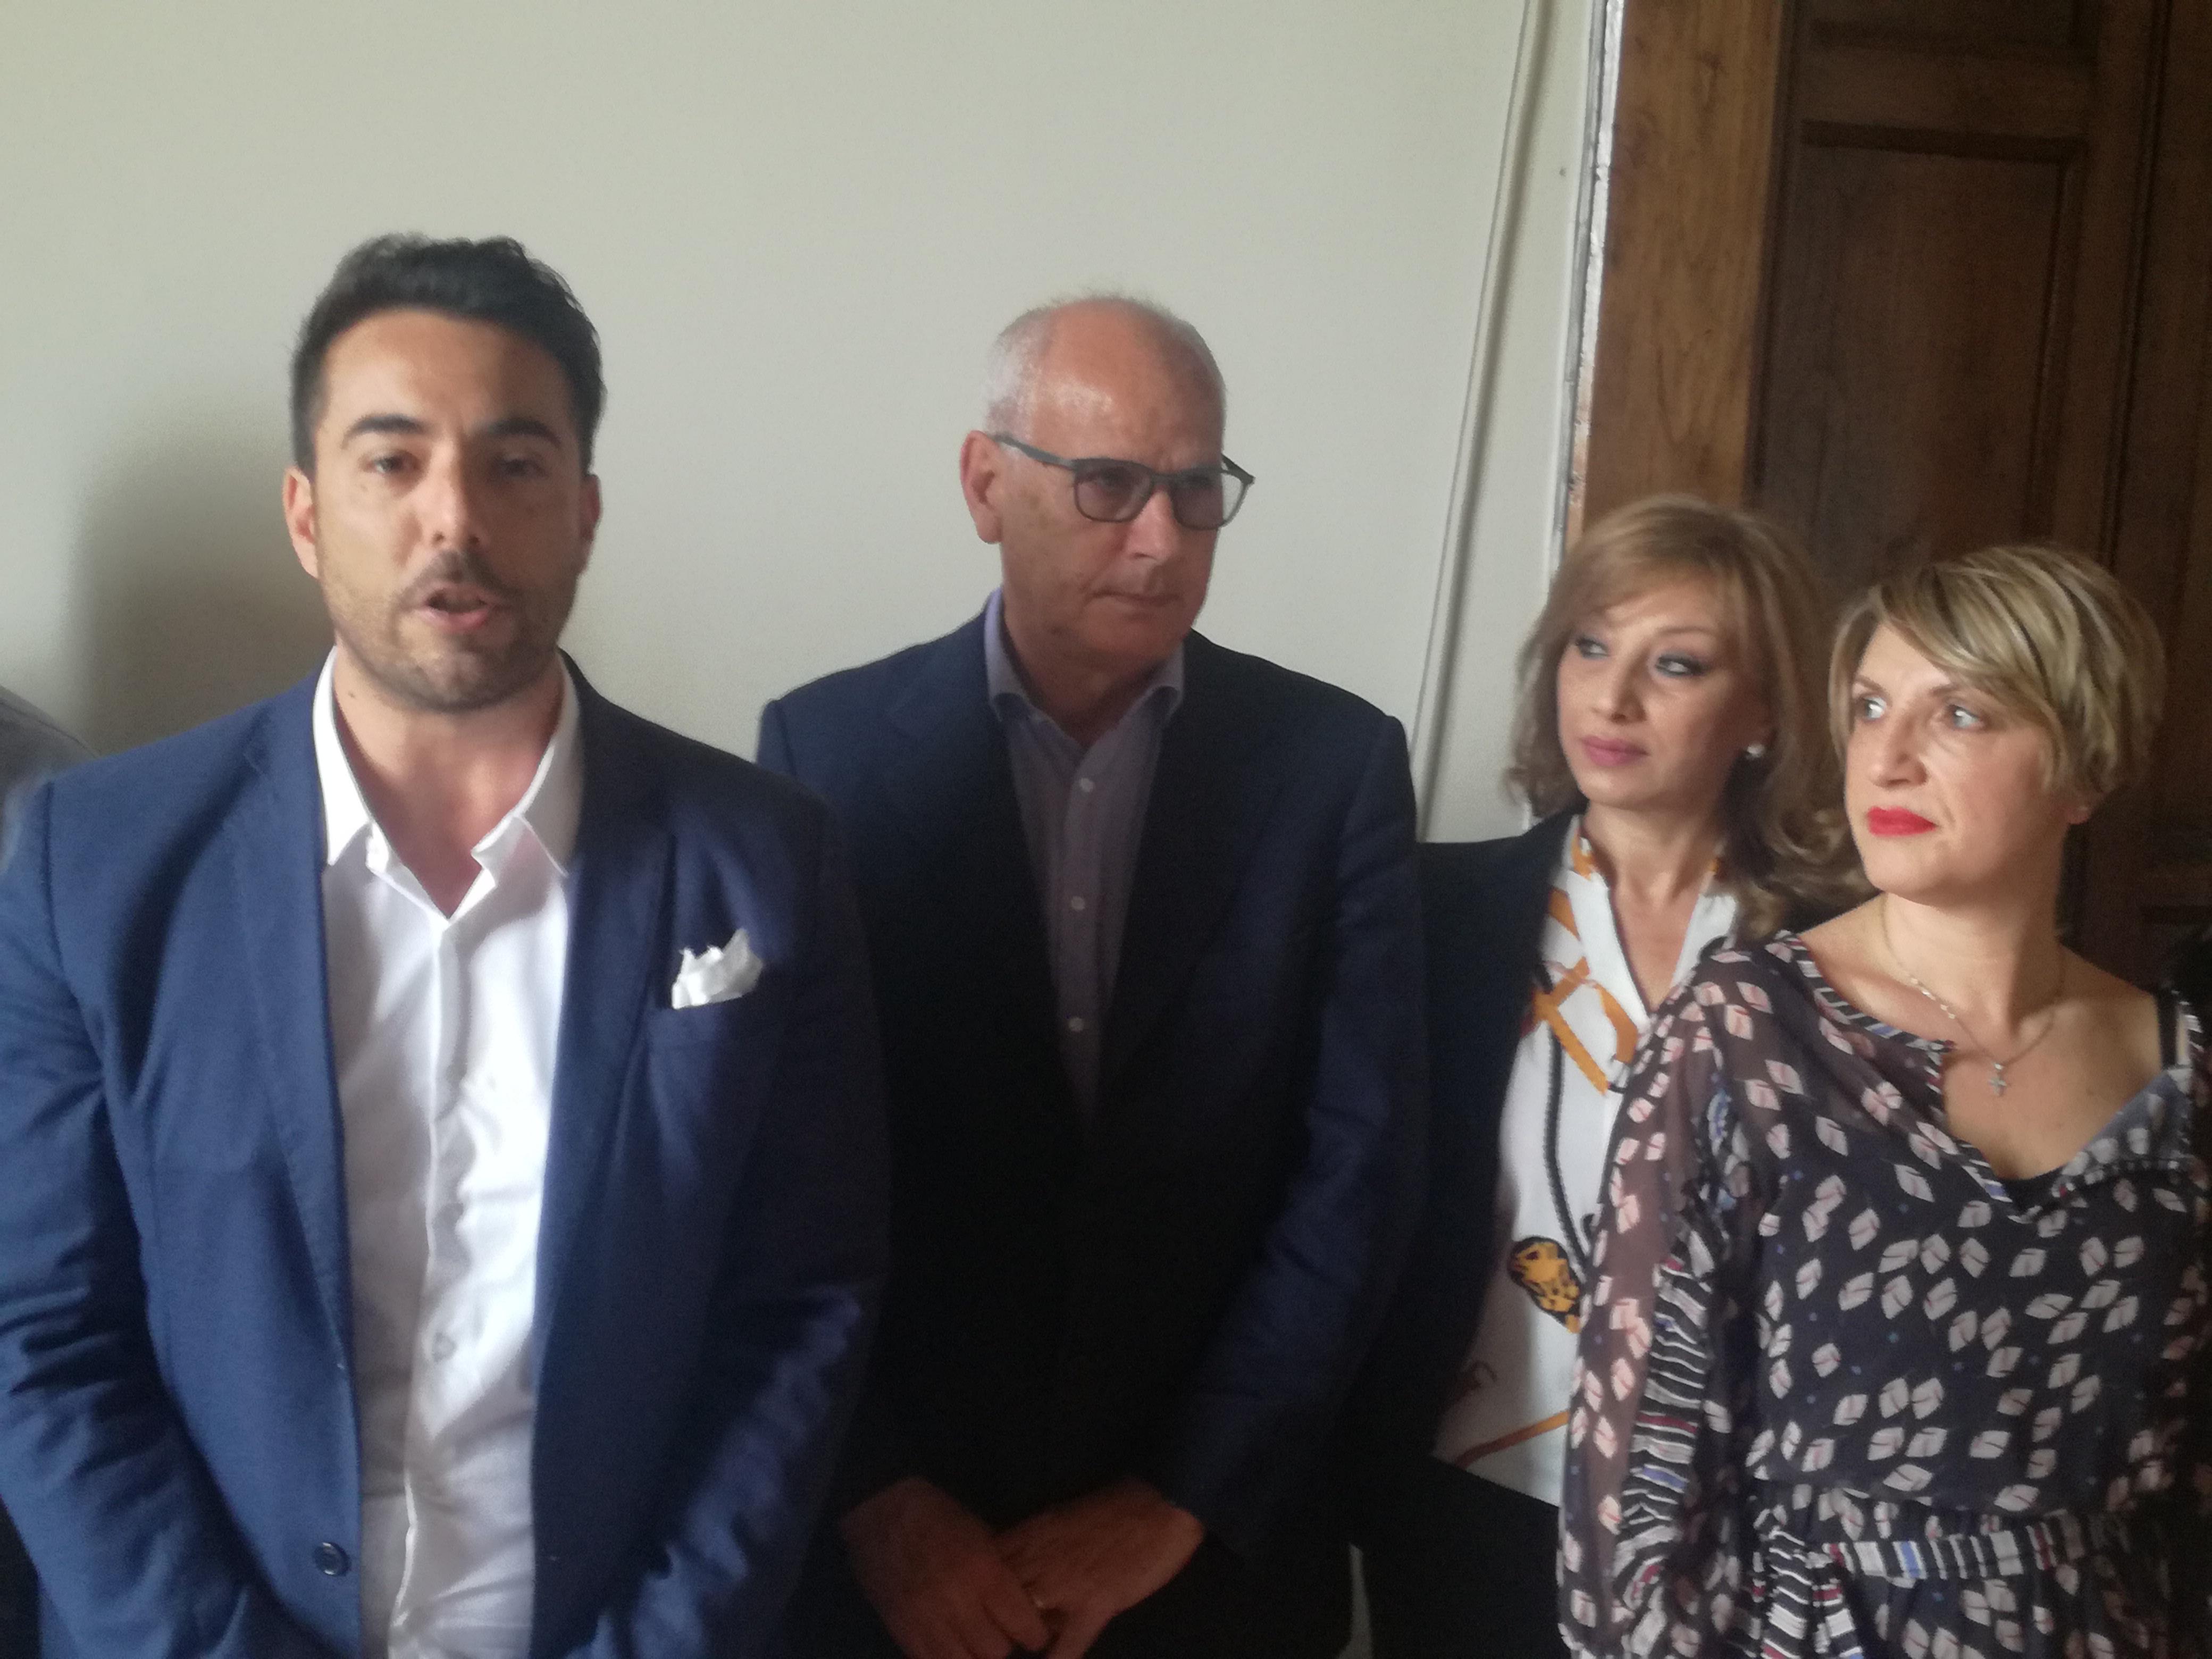 Verso il voto, il dietrofront di Zuccarello: appoggerà Bramanti